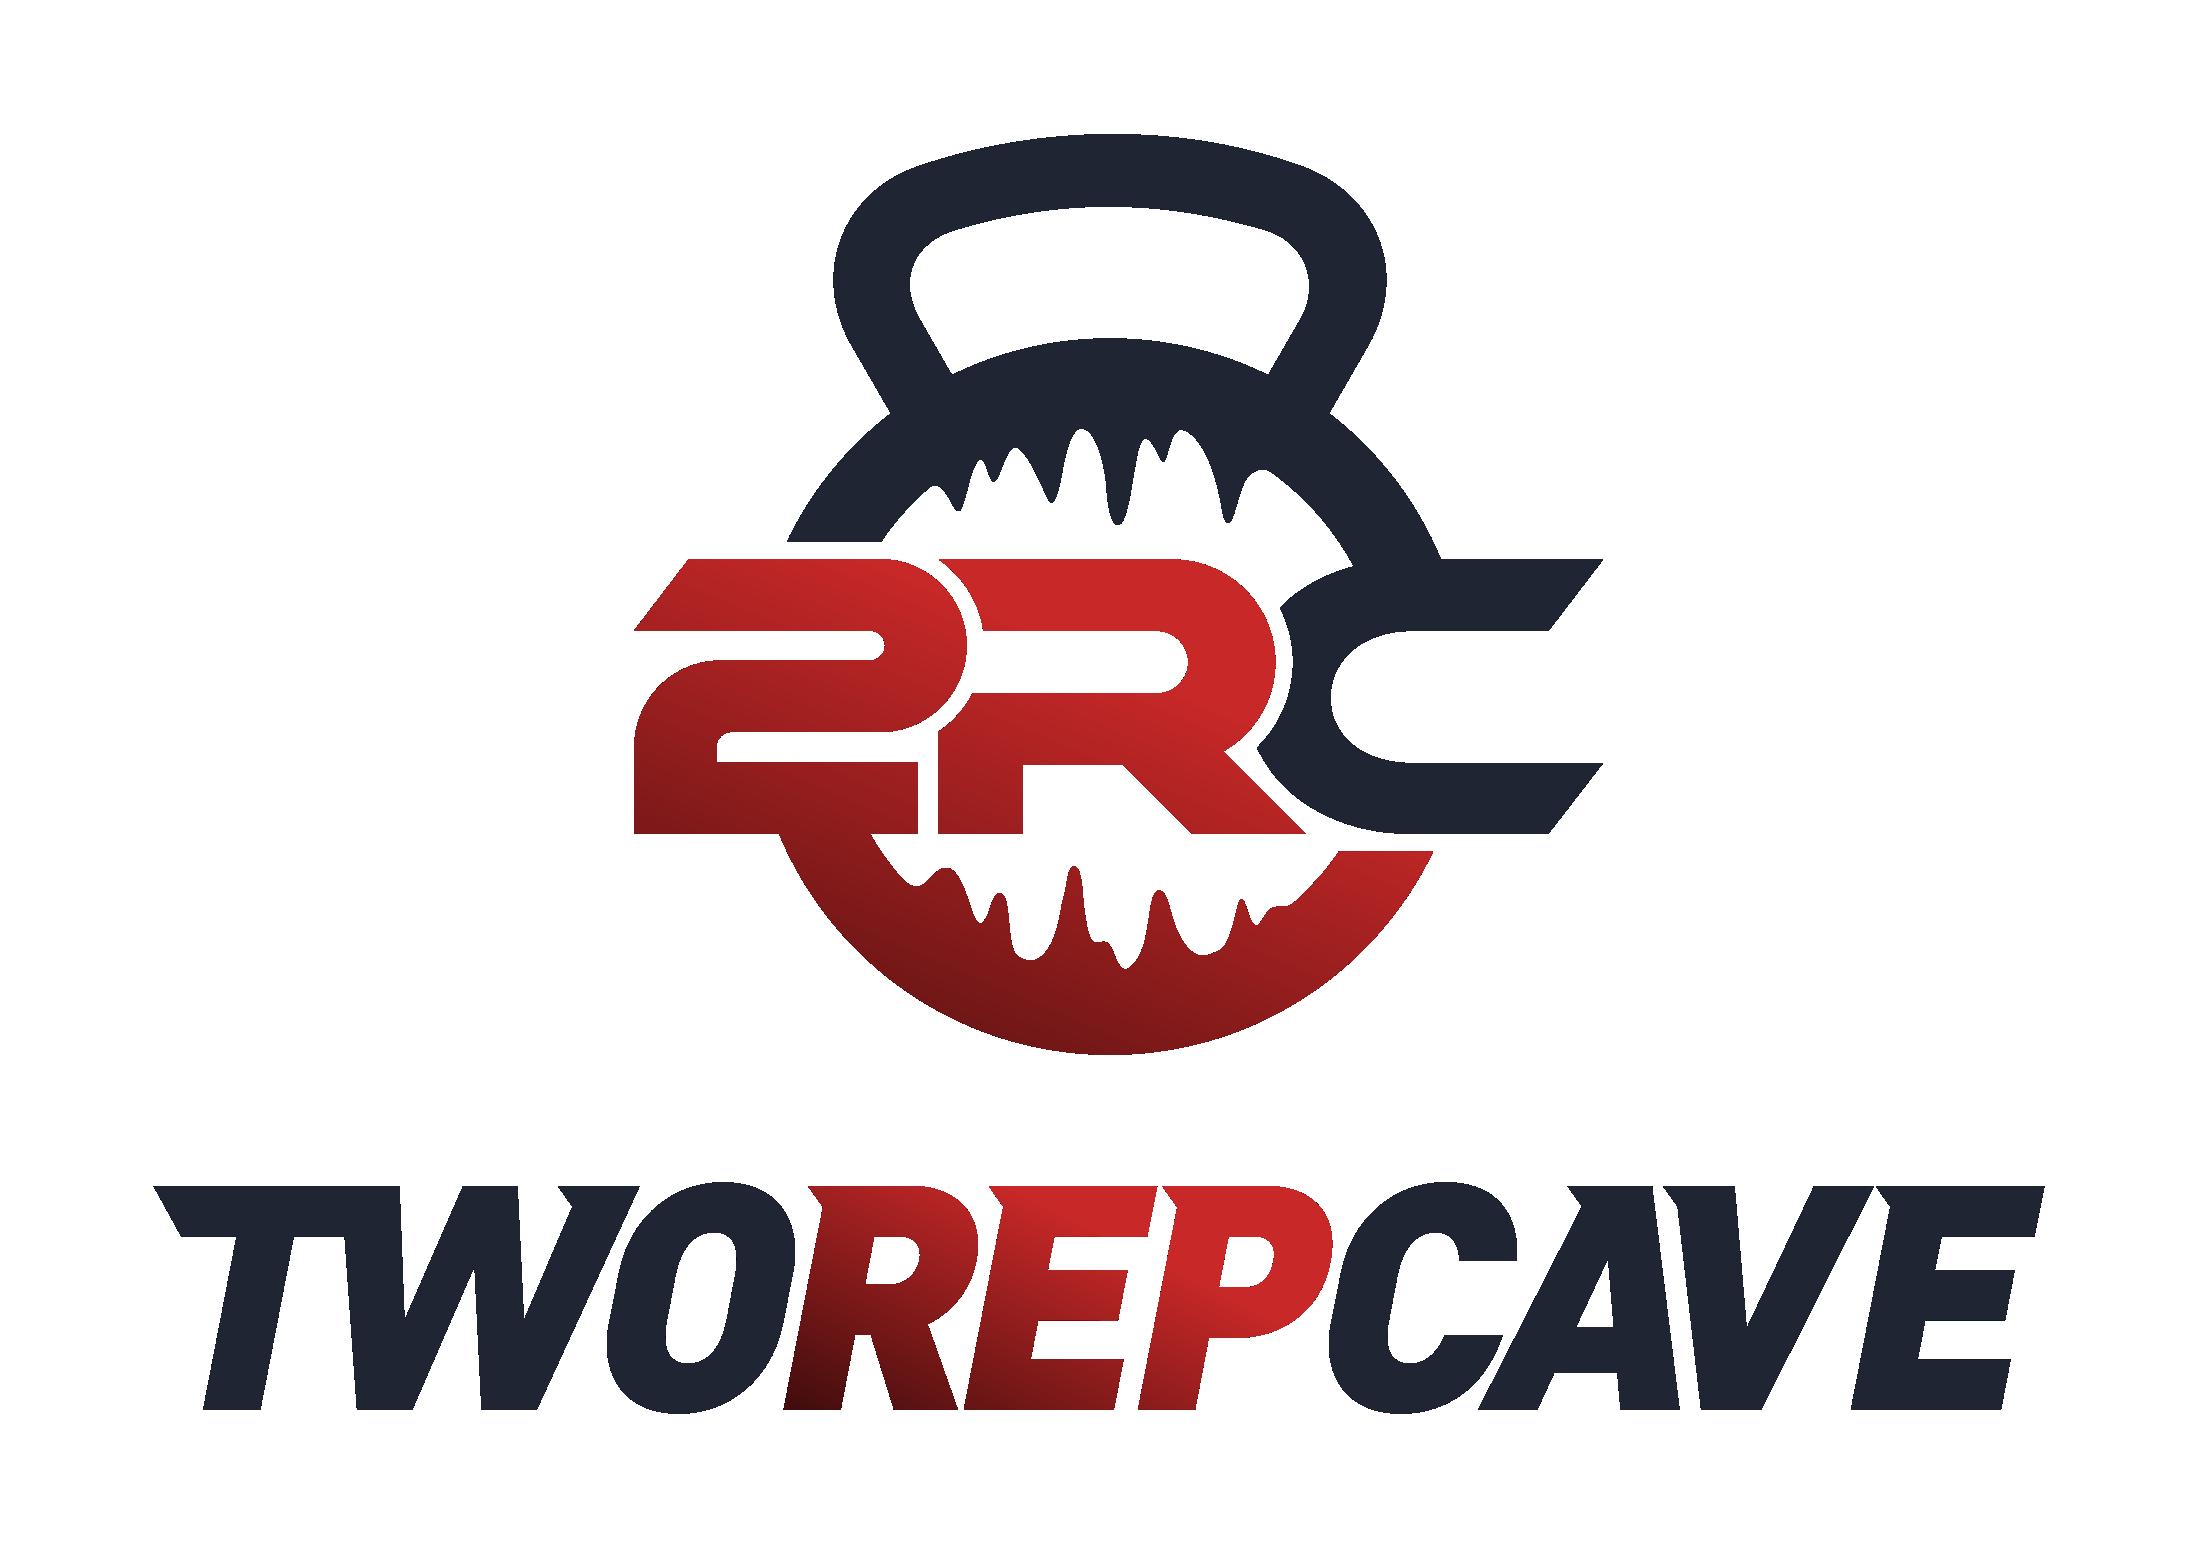 Gym equipment blog needs a new logo!